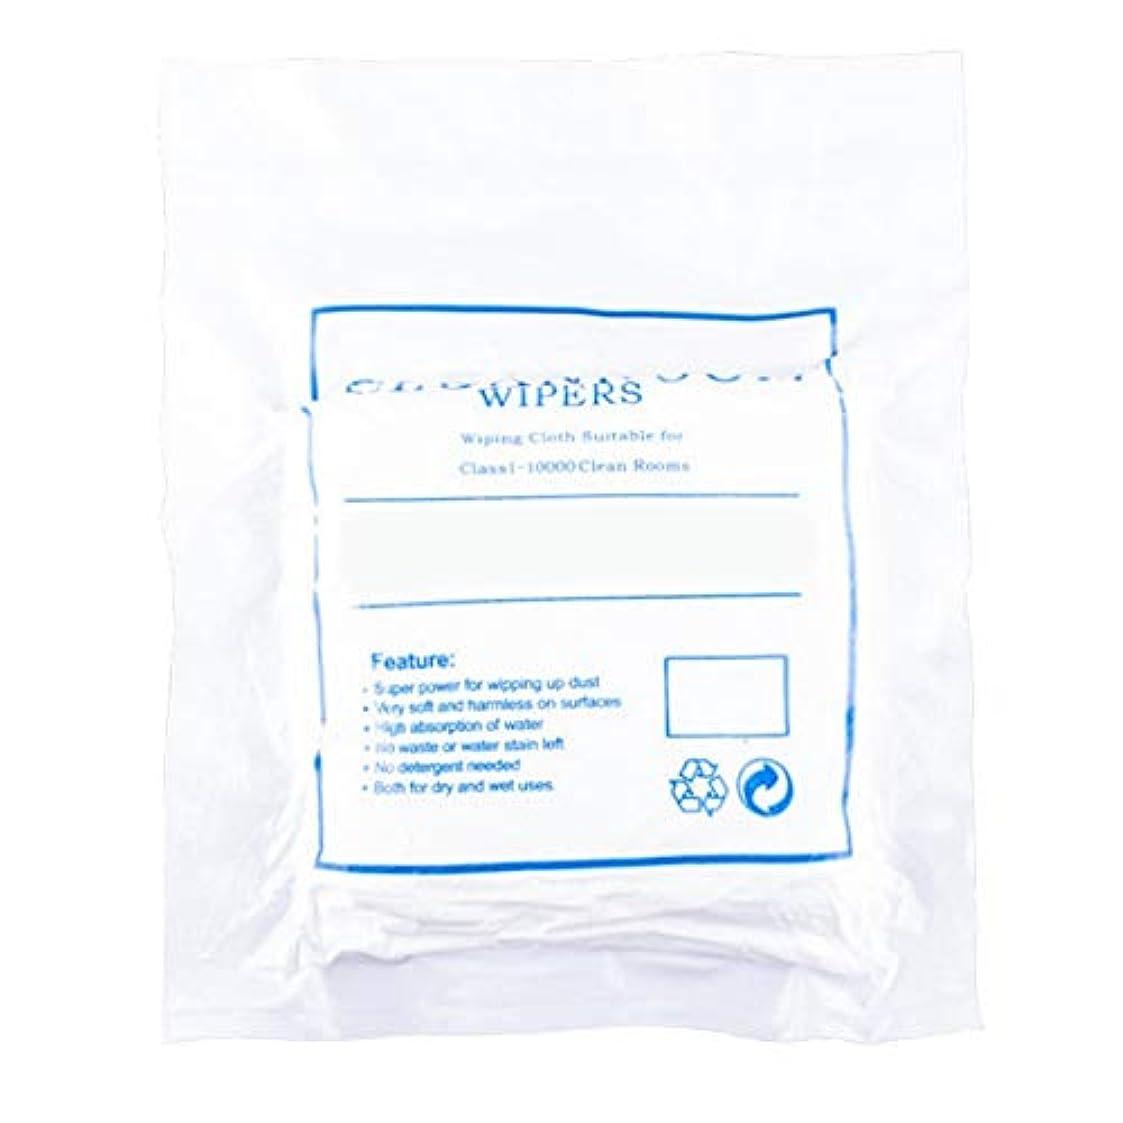 強度簡単にロイヤリティほこりのない布のスクリーンクリーニングほこりのない布のほこりのない紙3009ホワイト4インチ400個/パッケージ